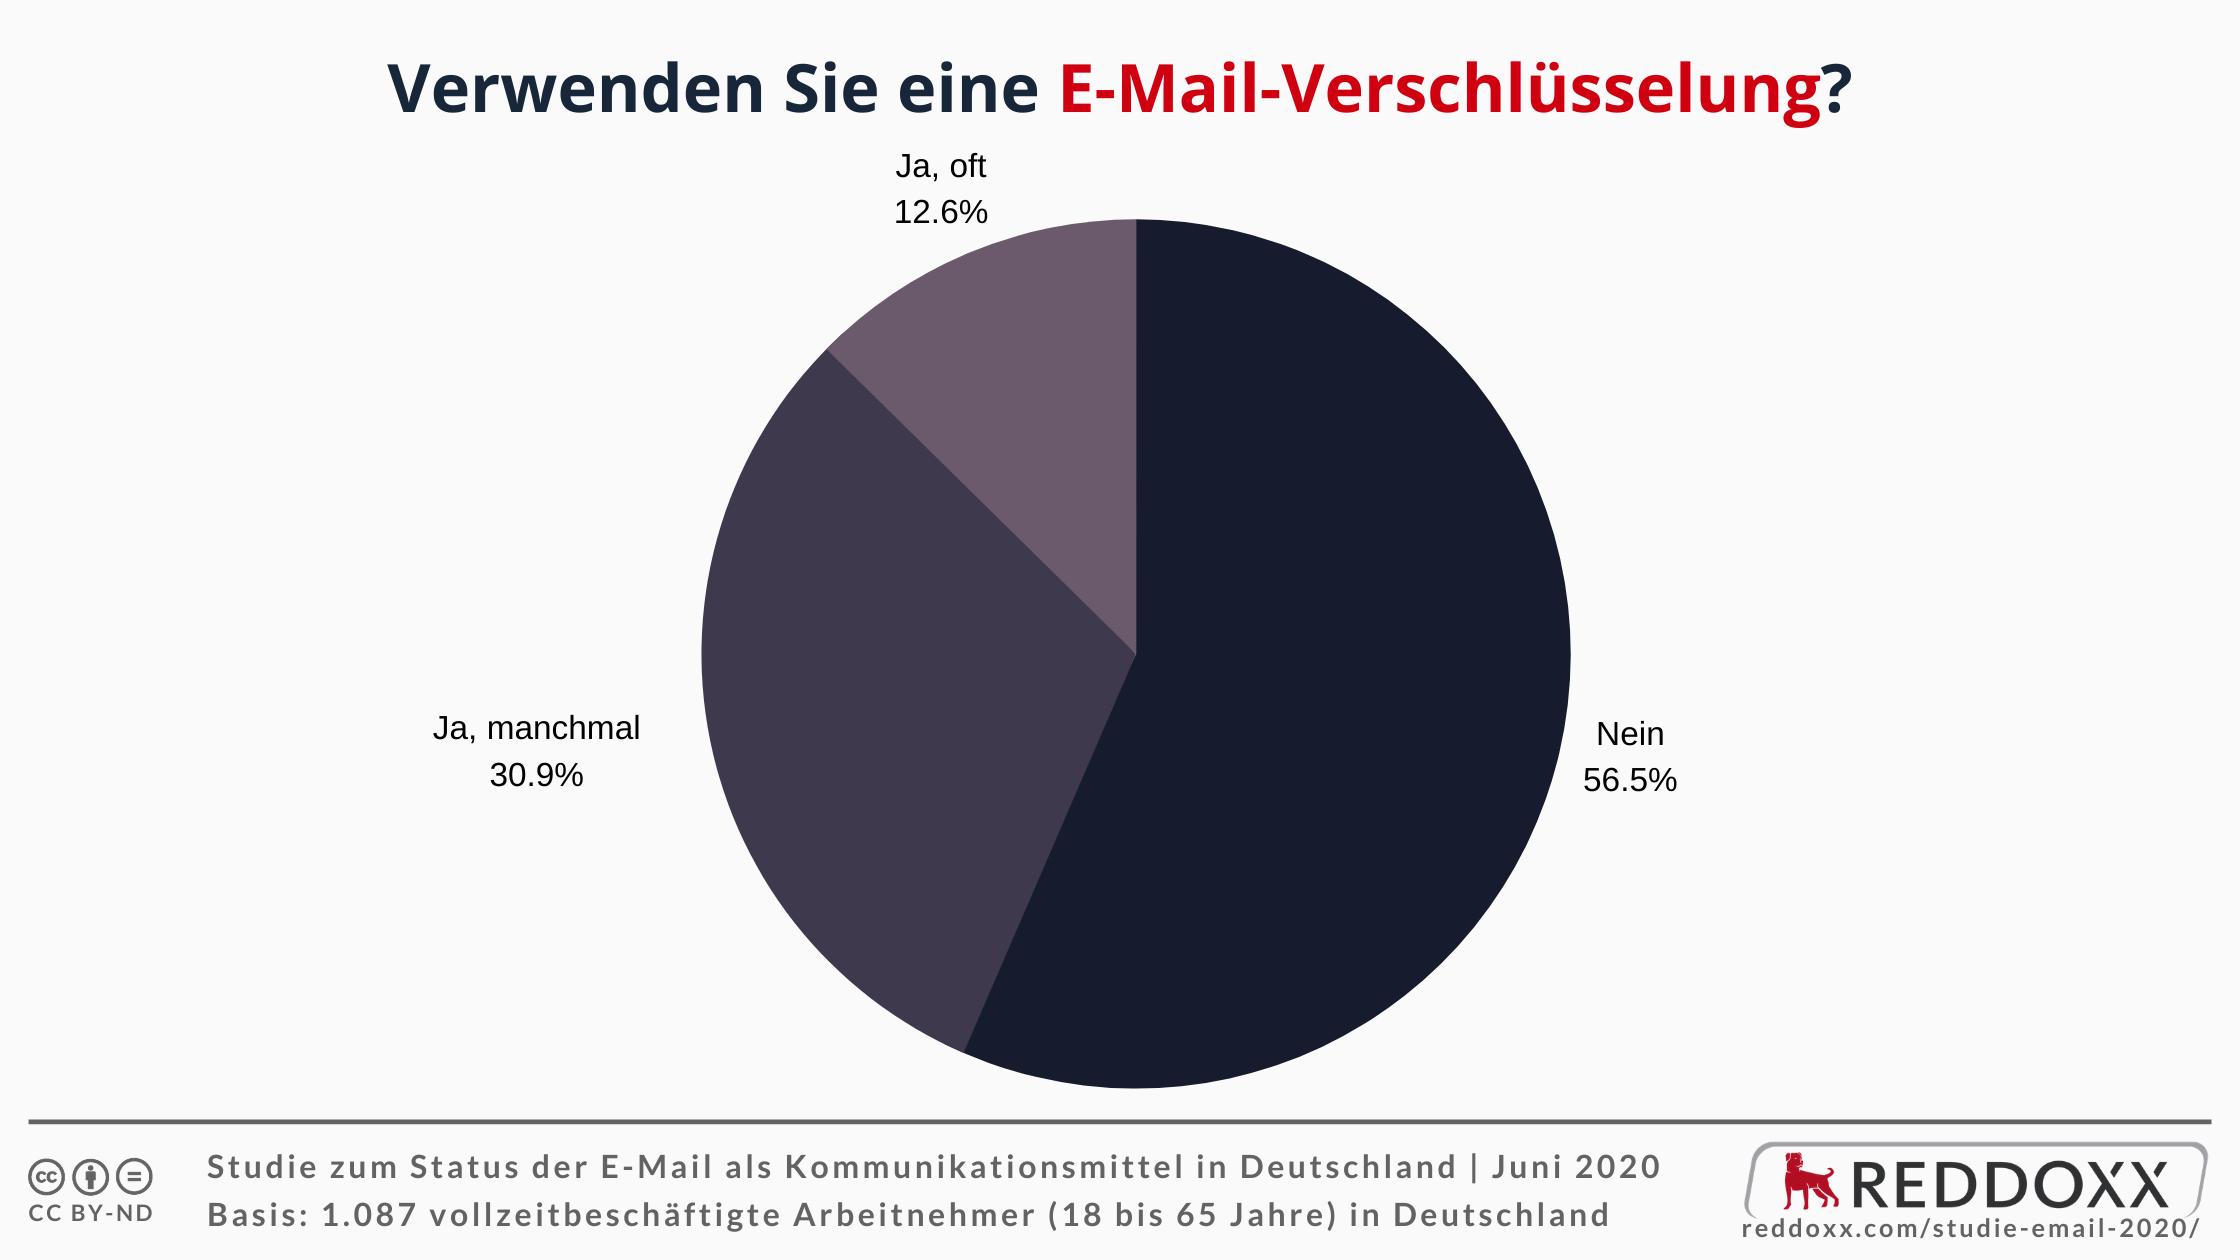 Verwenden Sie eine E-Mail-Verschlüsselung?